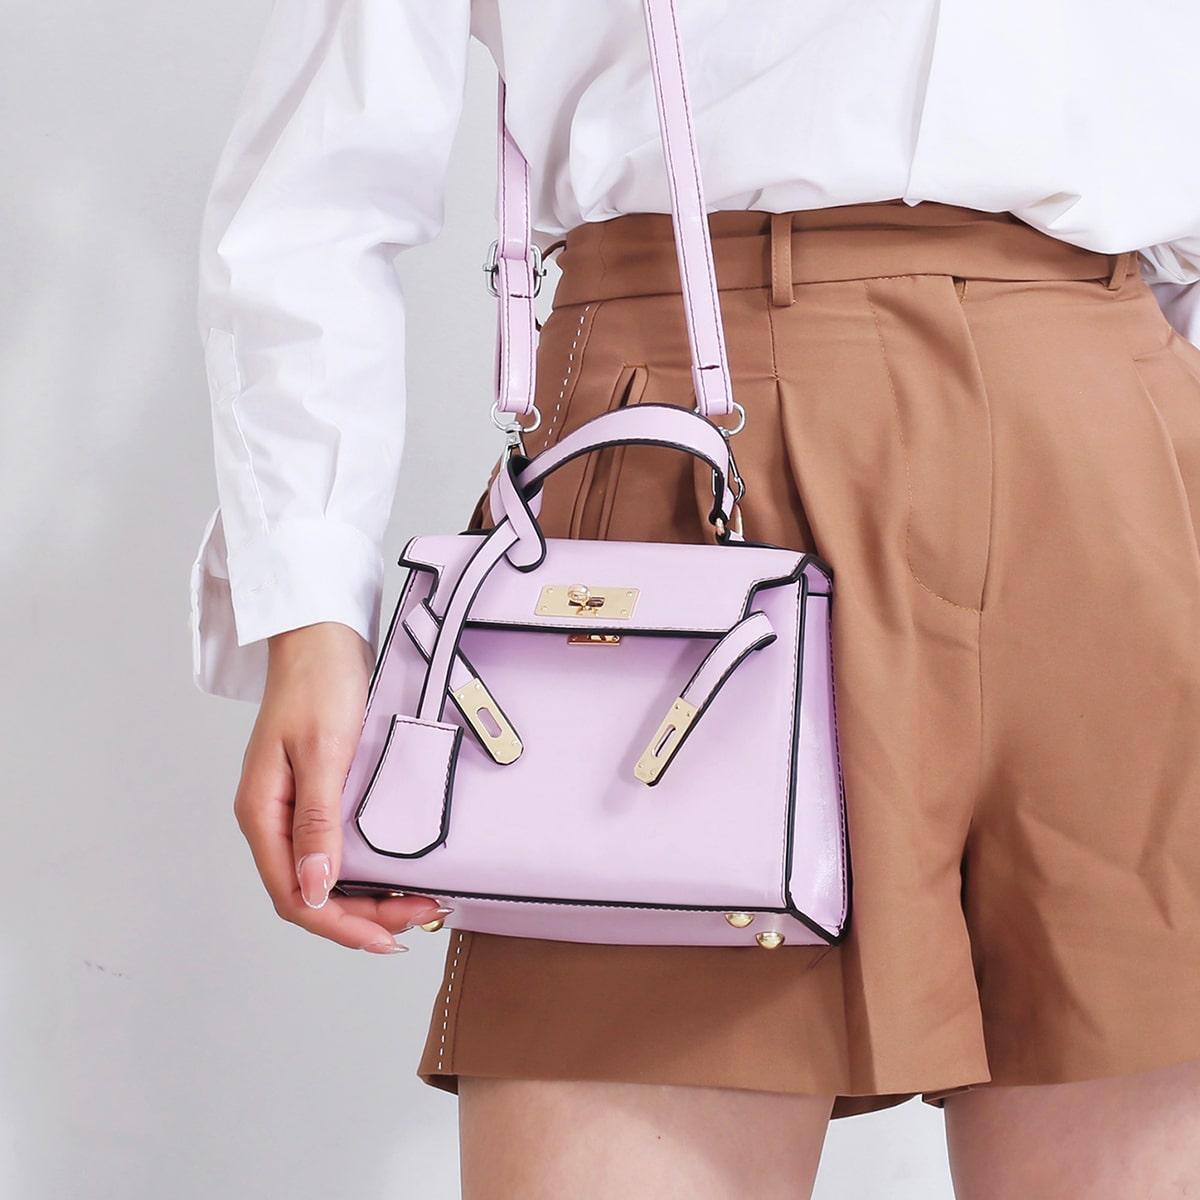 SHEIN / Scarf Decor Satchel Bag